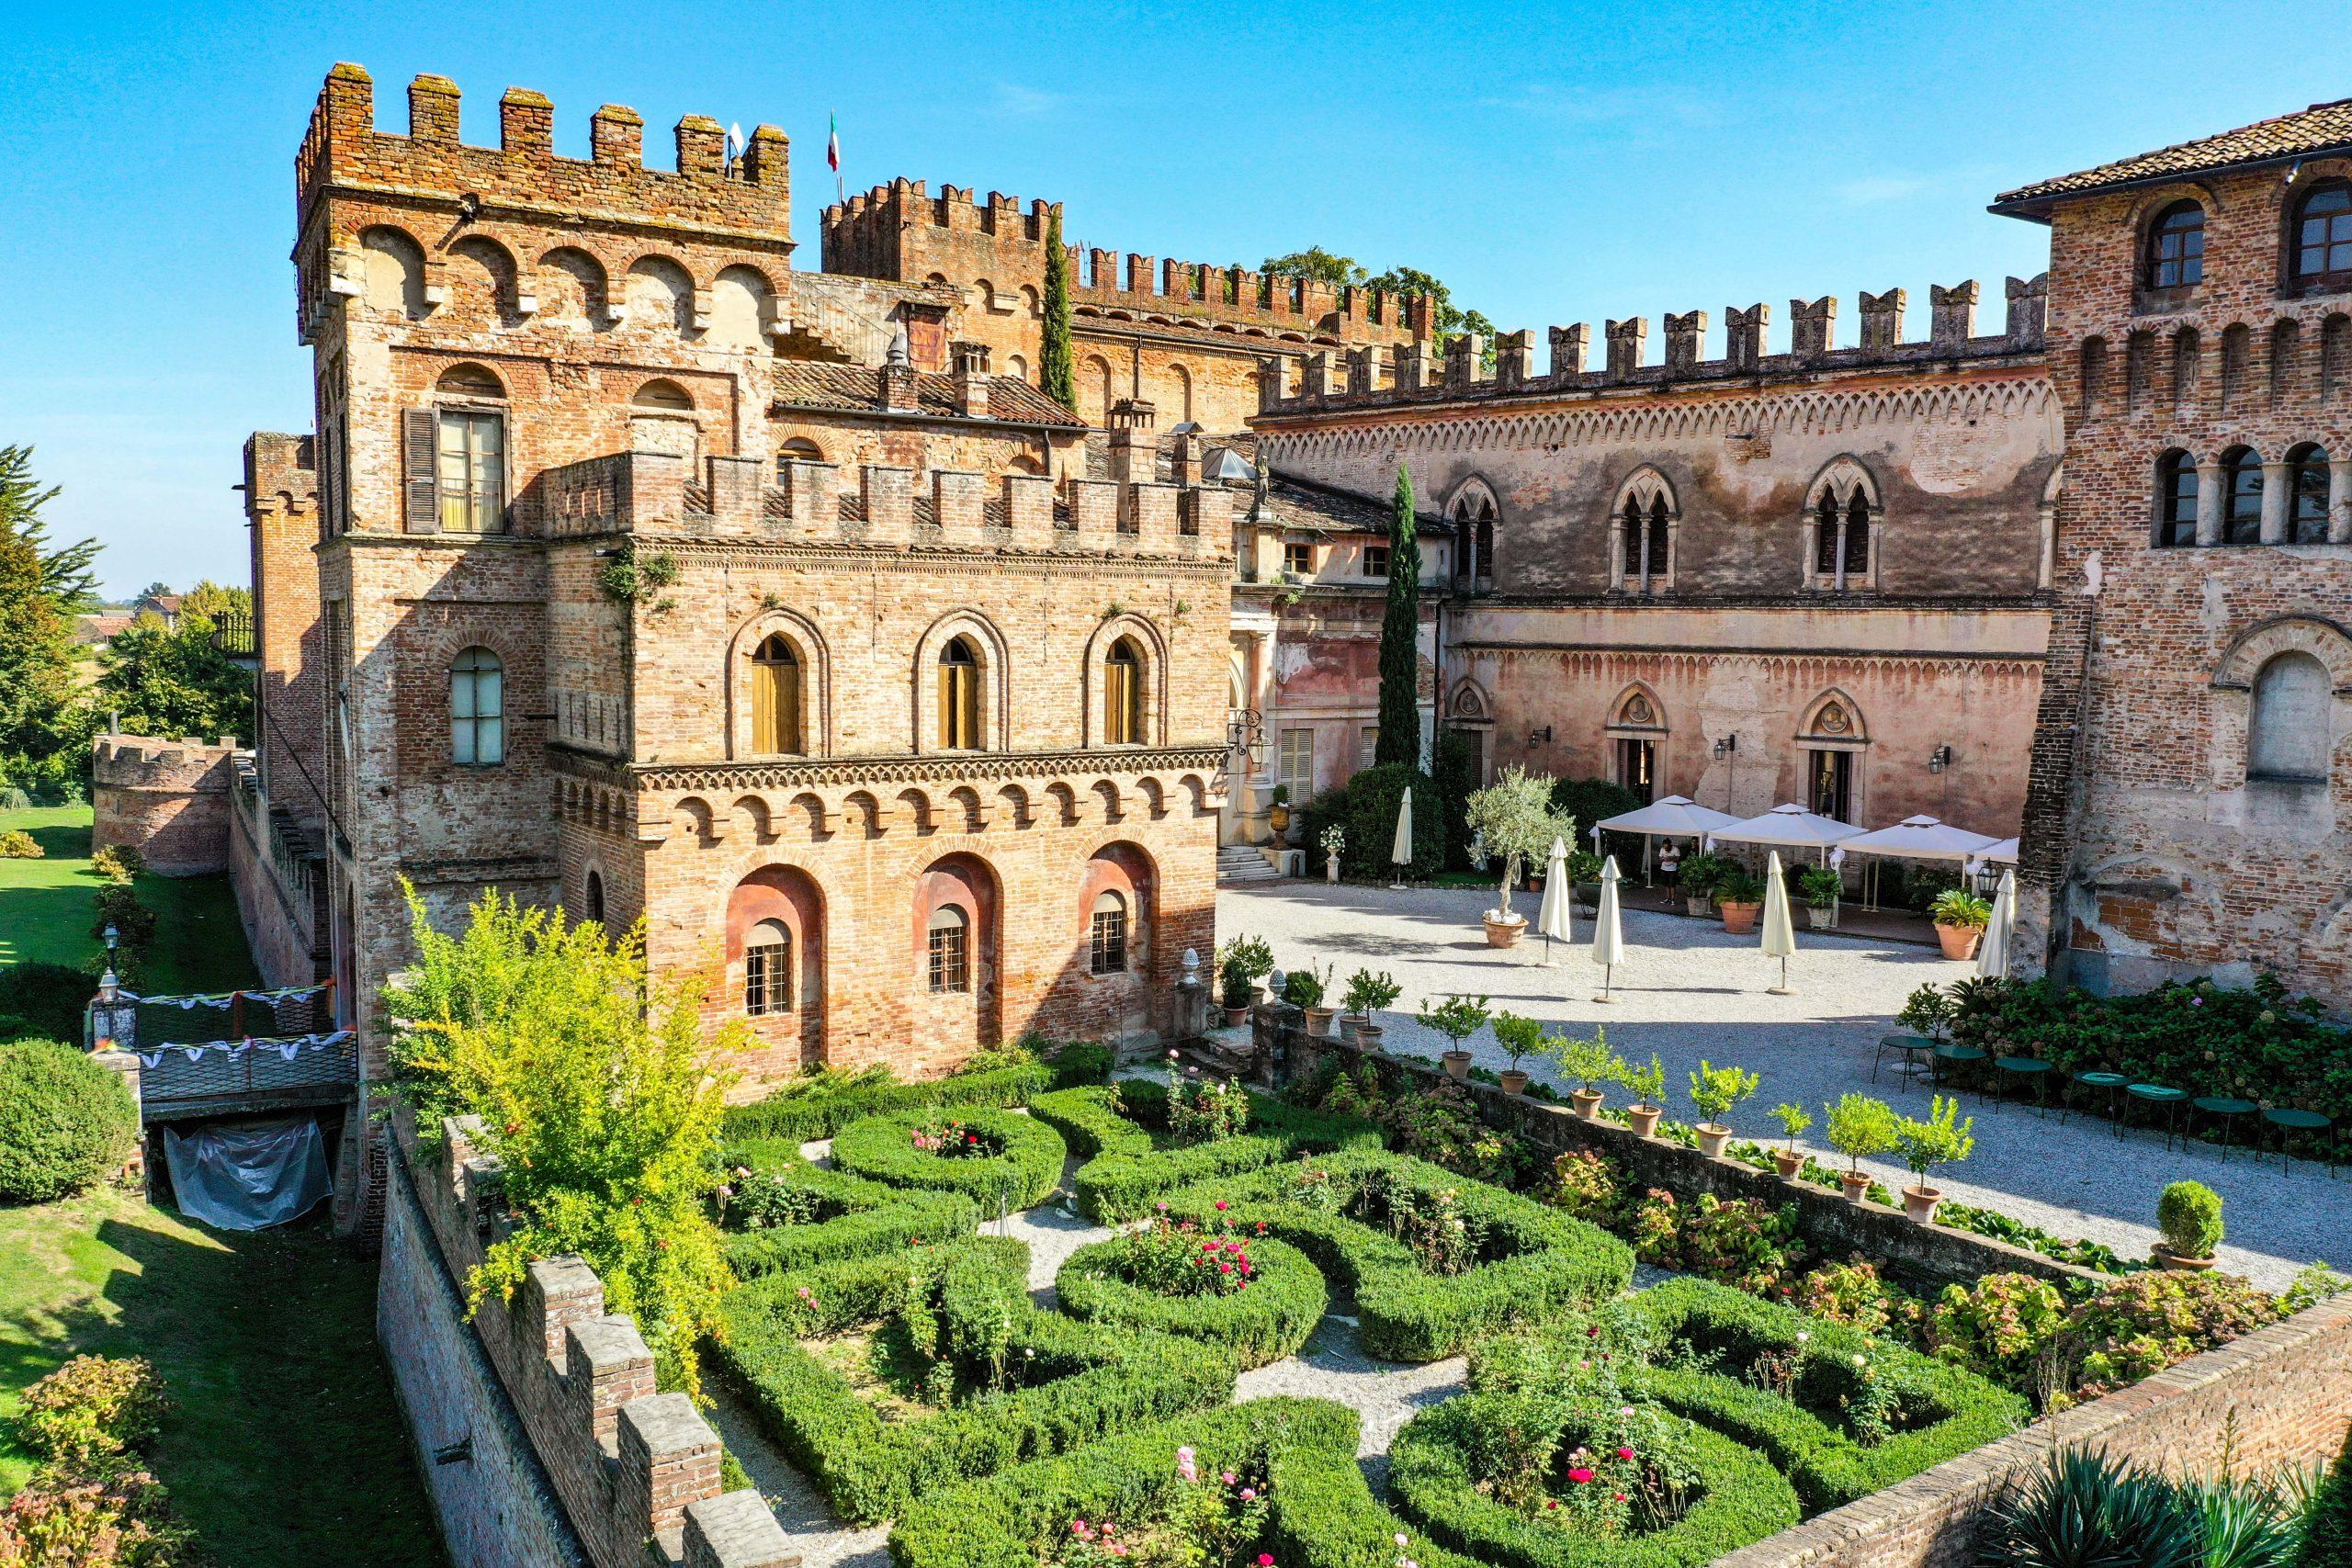 Schloss aus dem 15. Jahrhundert südlich des Gardasee